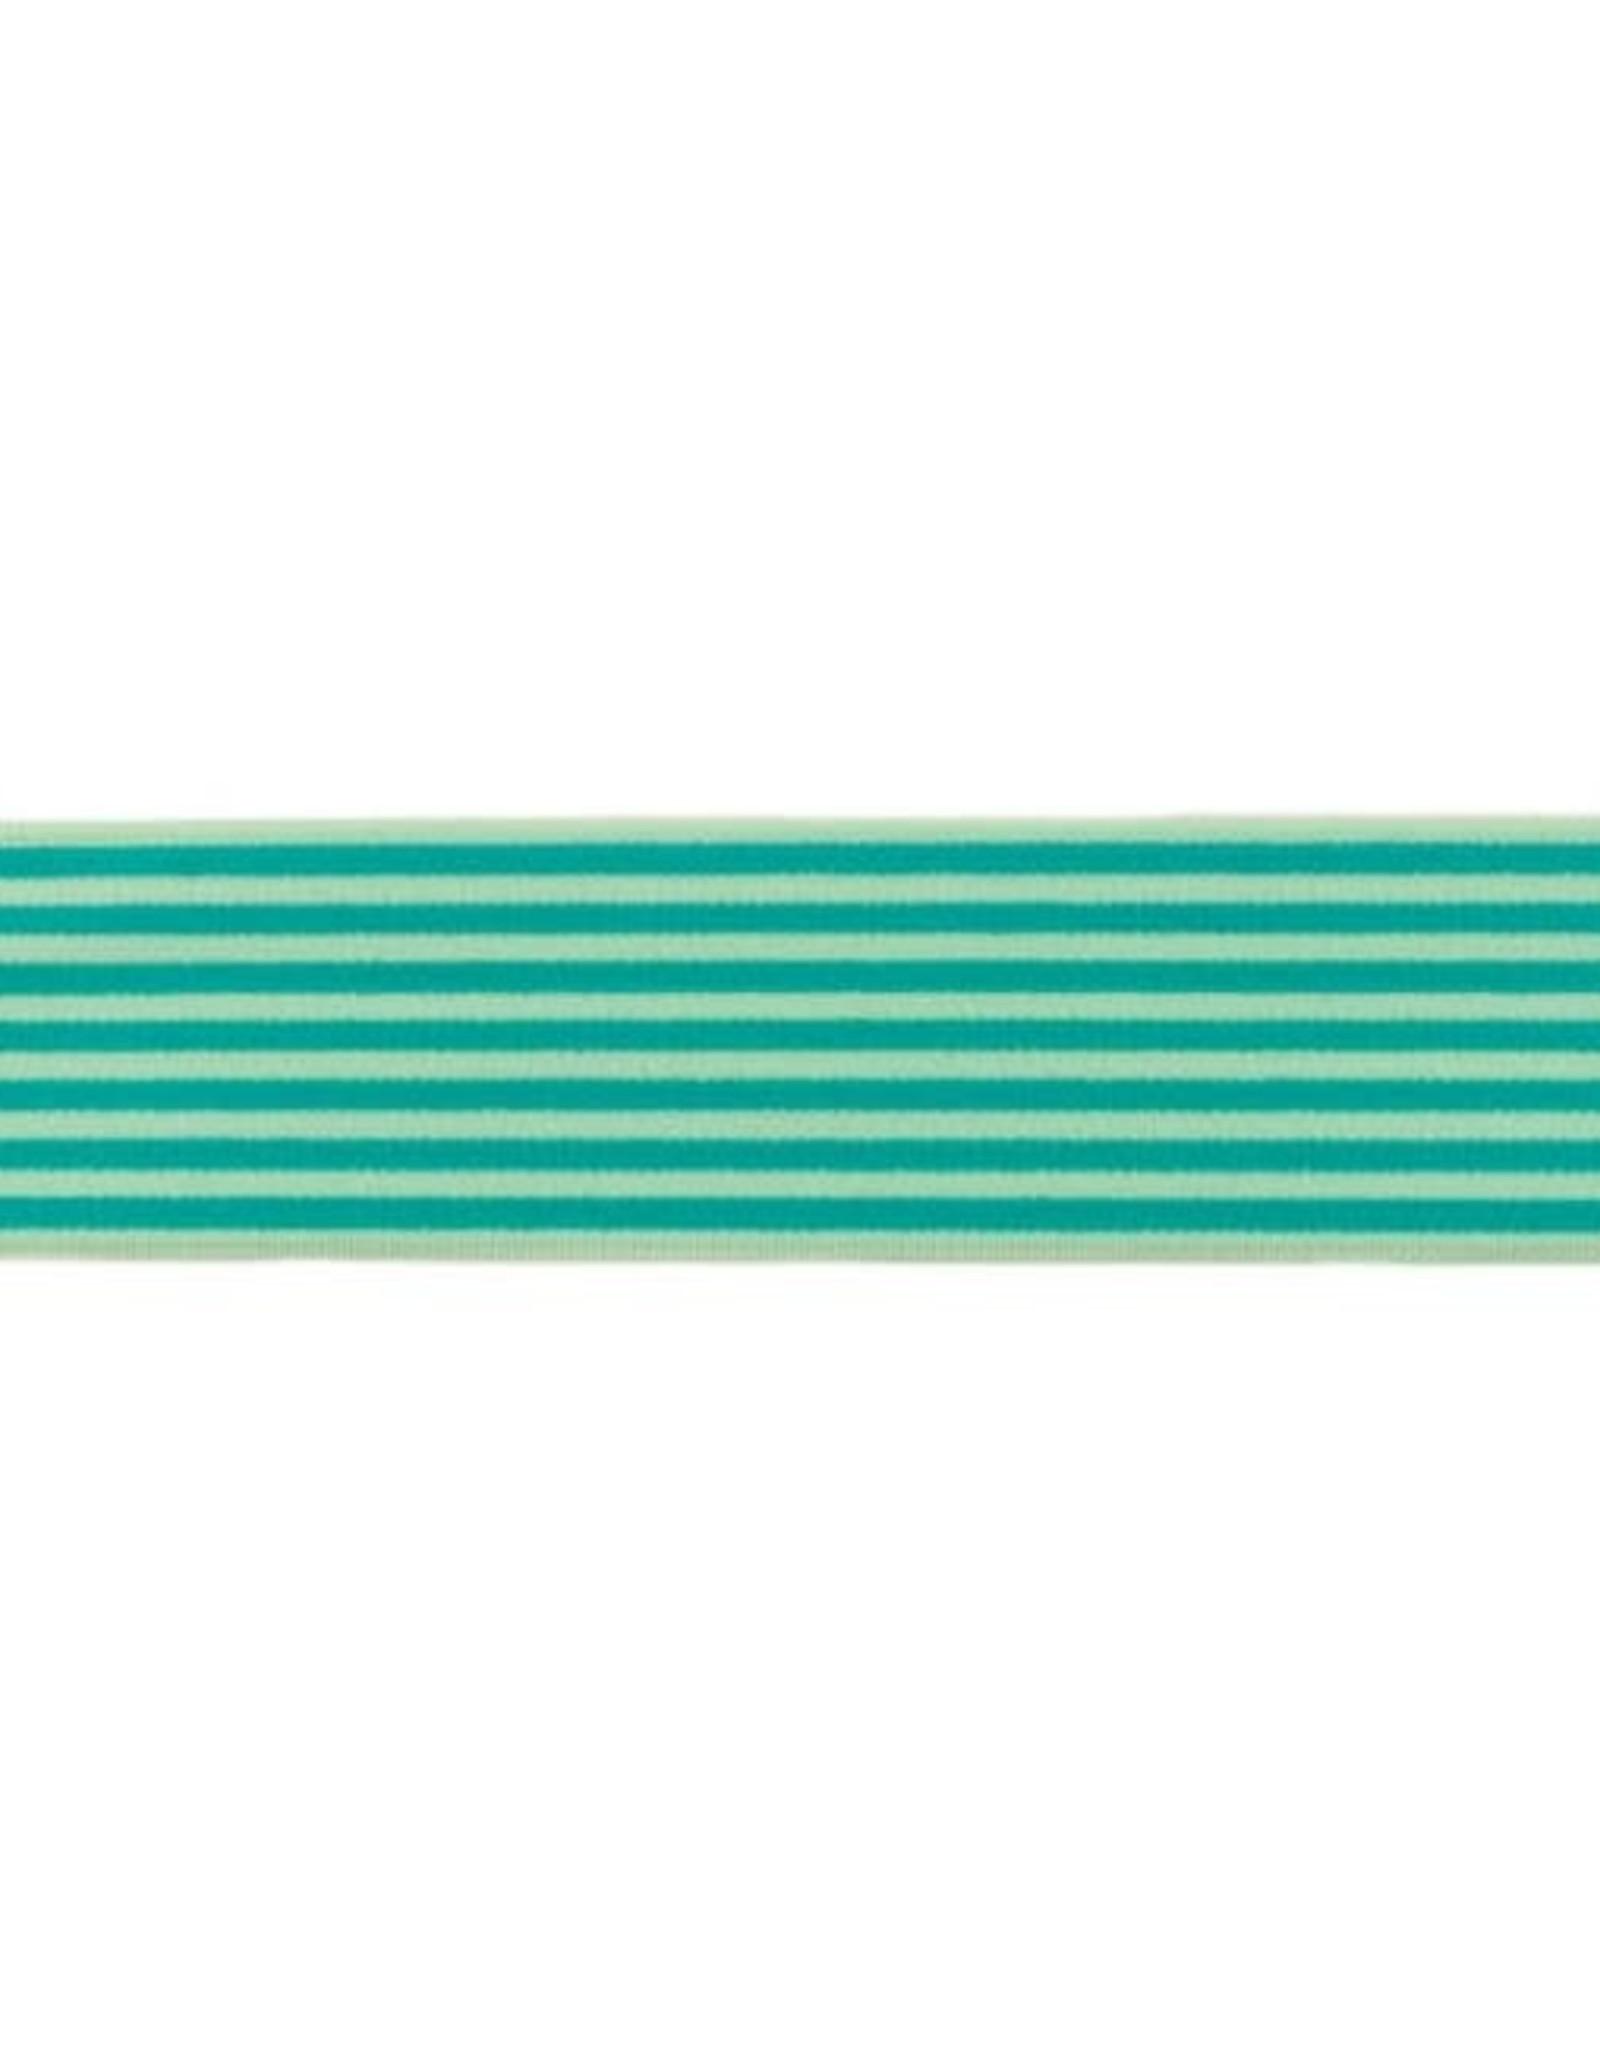 Zachte Gestreepte Elastiek 40mm - Groen